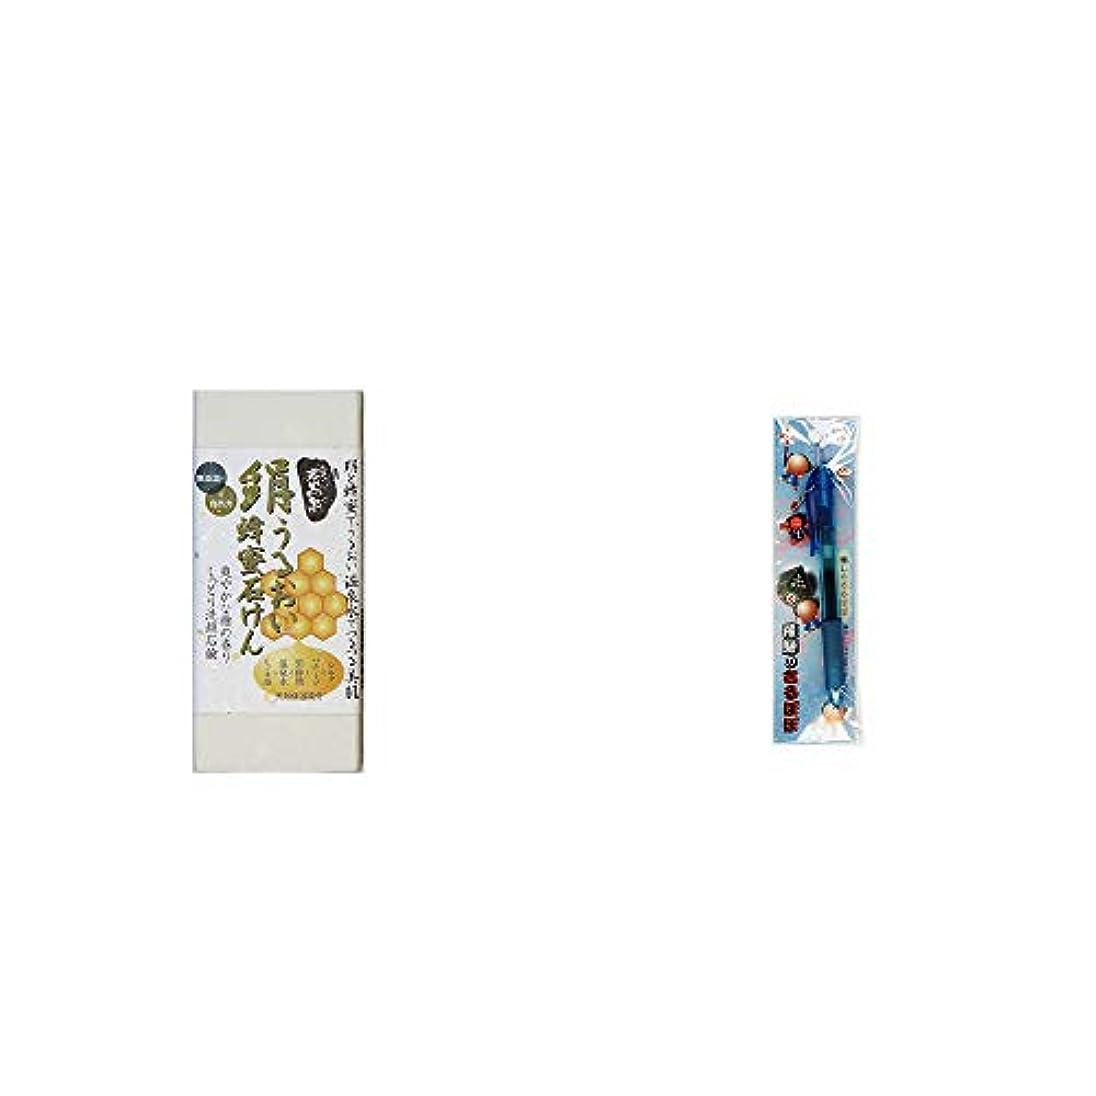 グレートオーク旅客戦略[2点セット] ひのき炭黒泉 絹うるおい蜂蜜石けん(75g×2)?さるぼぼ 癒しボールペン 【ブルー】